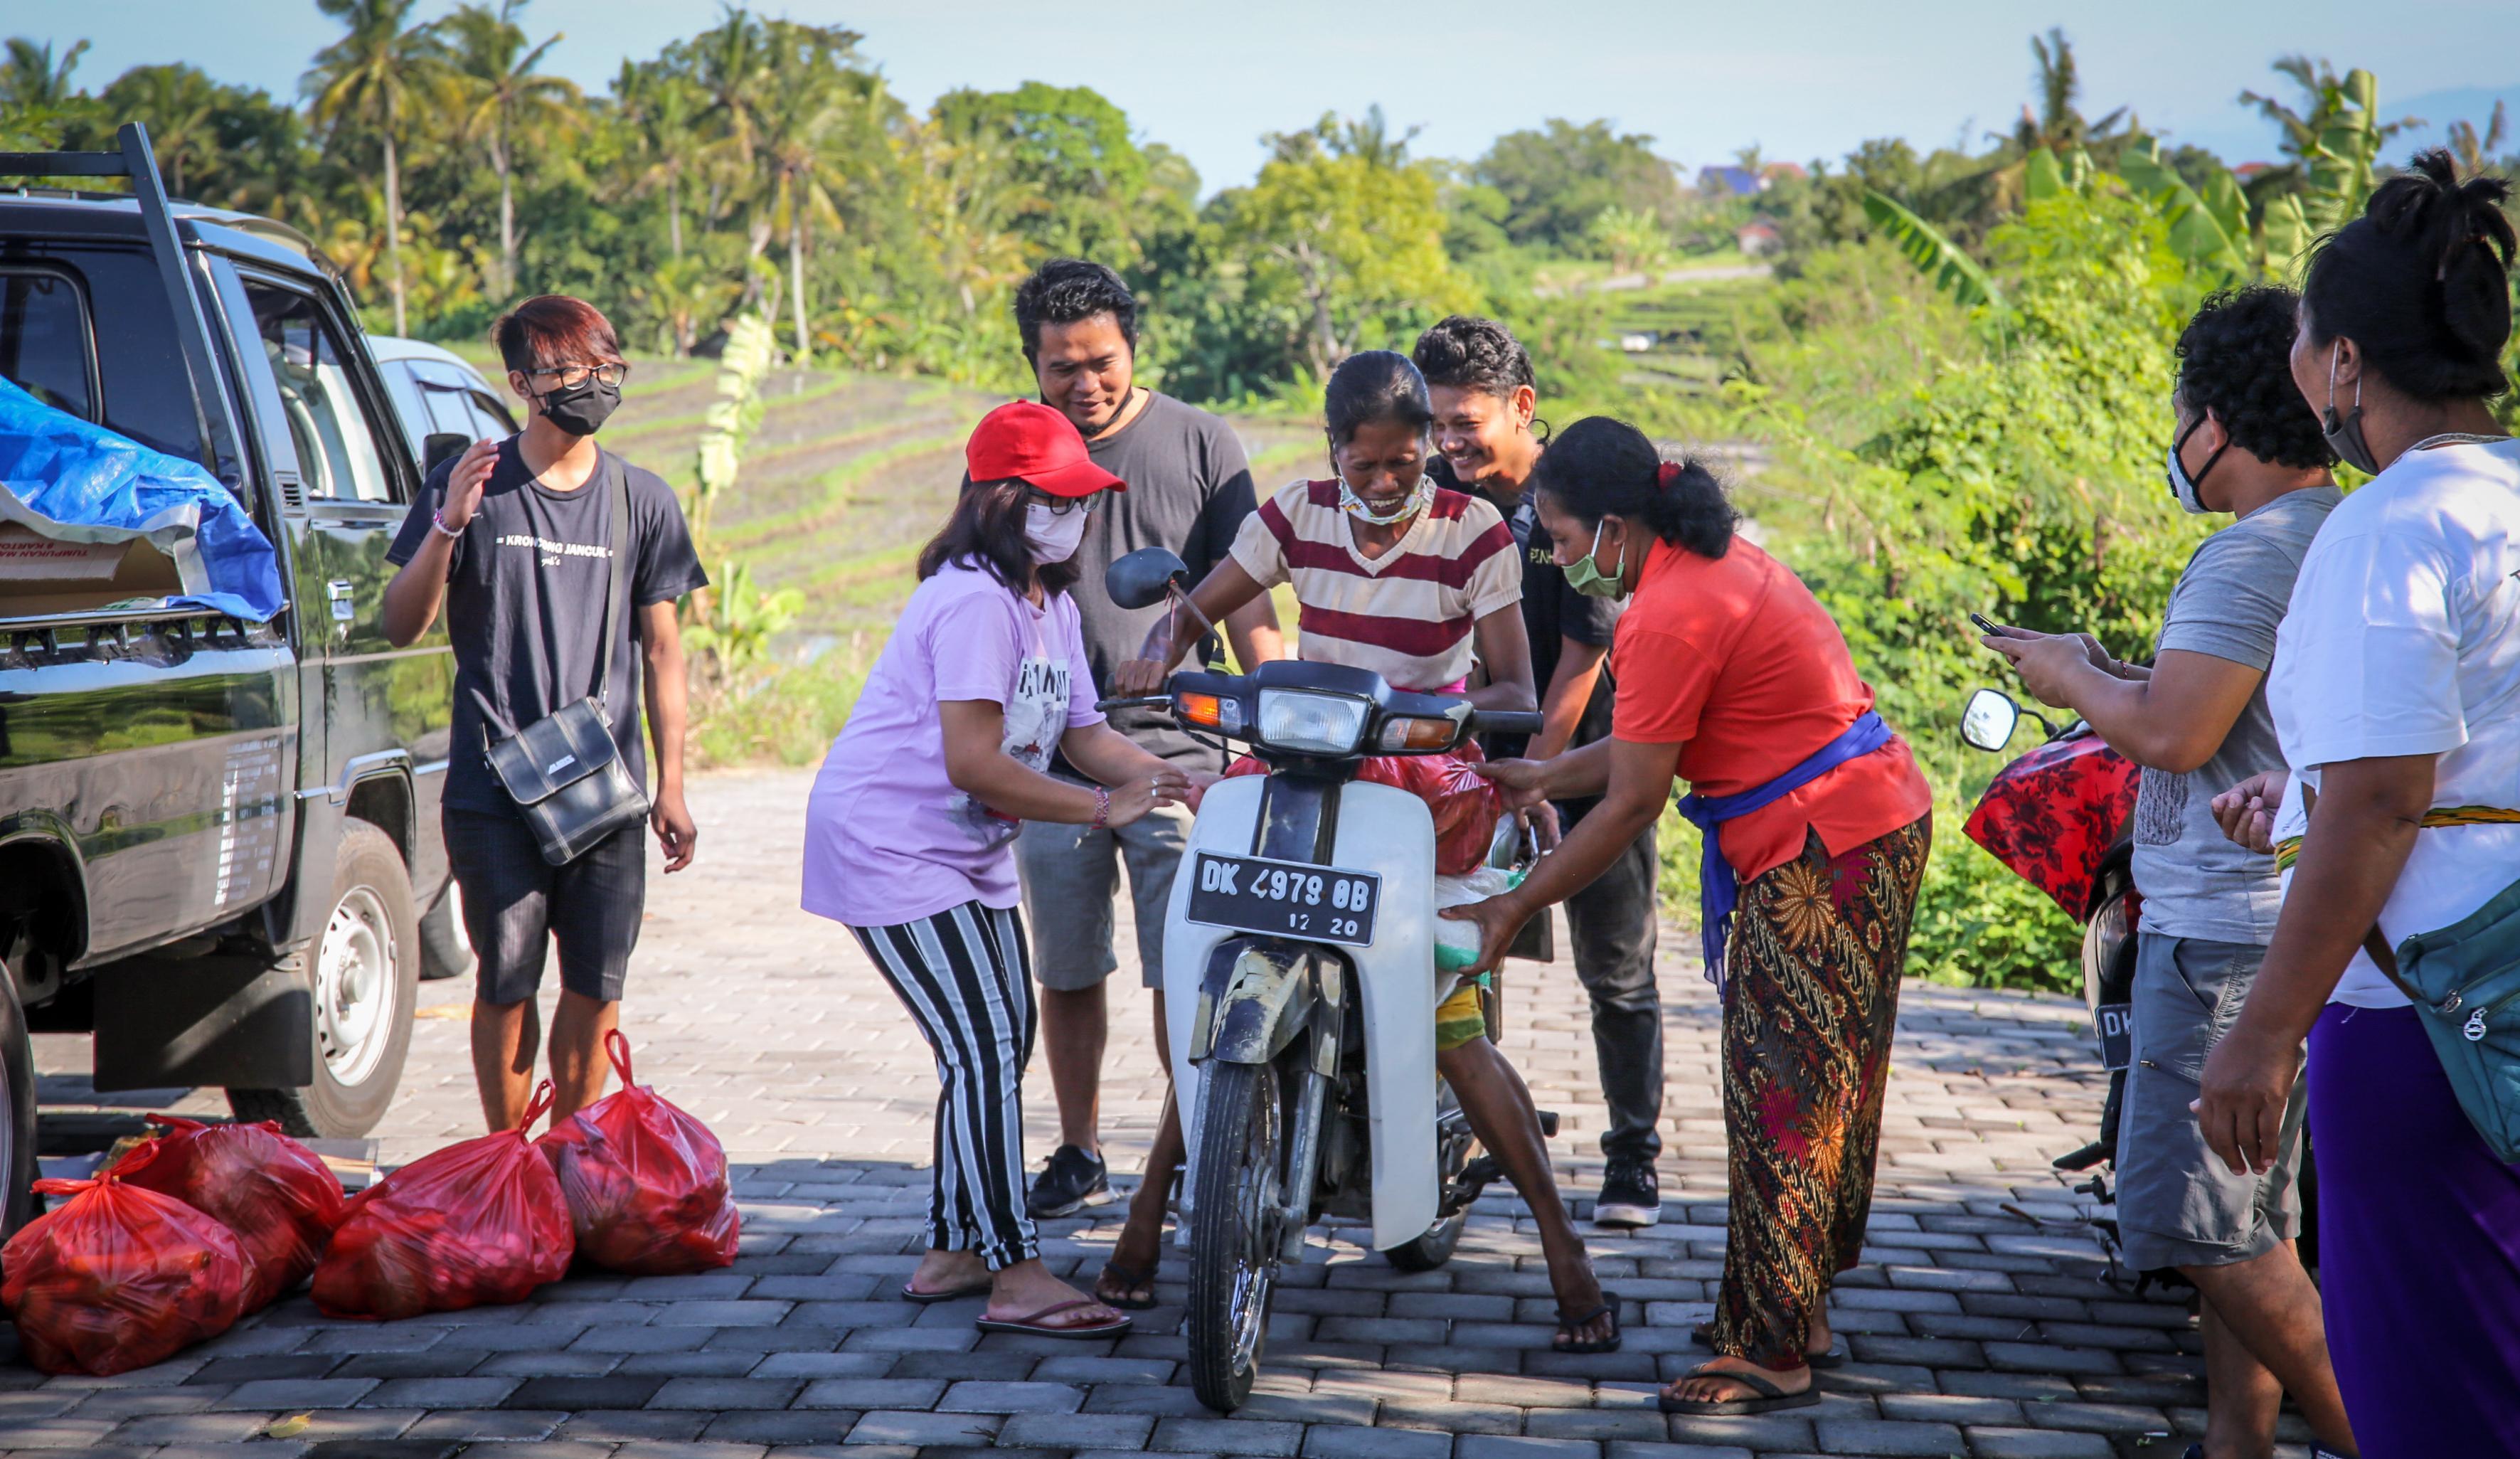 Haarlemse fotografe zet zich tijdens coronapandemie in voor lokale bevolking van Bali: 'De mensen barstten in huilen uit toen we het eten kwamen brengen'